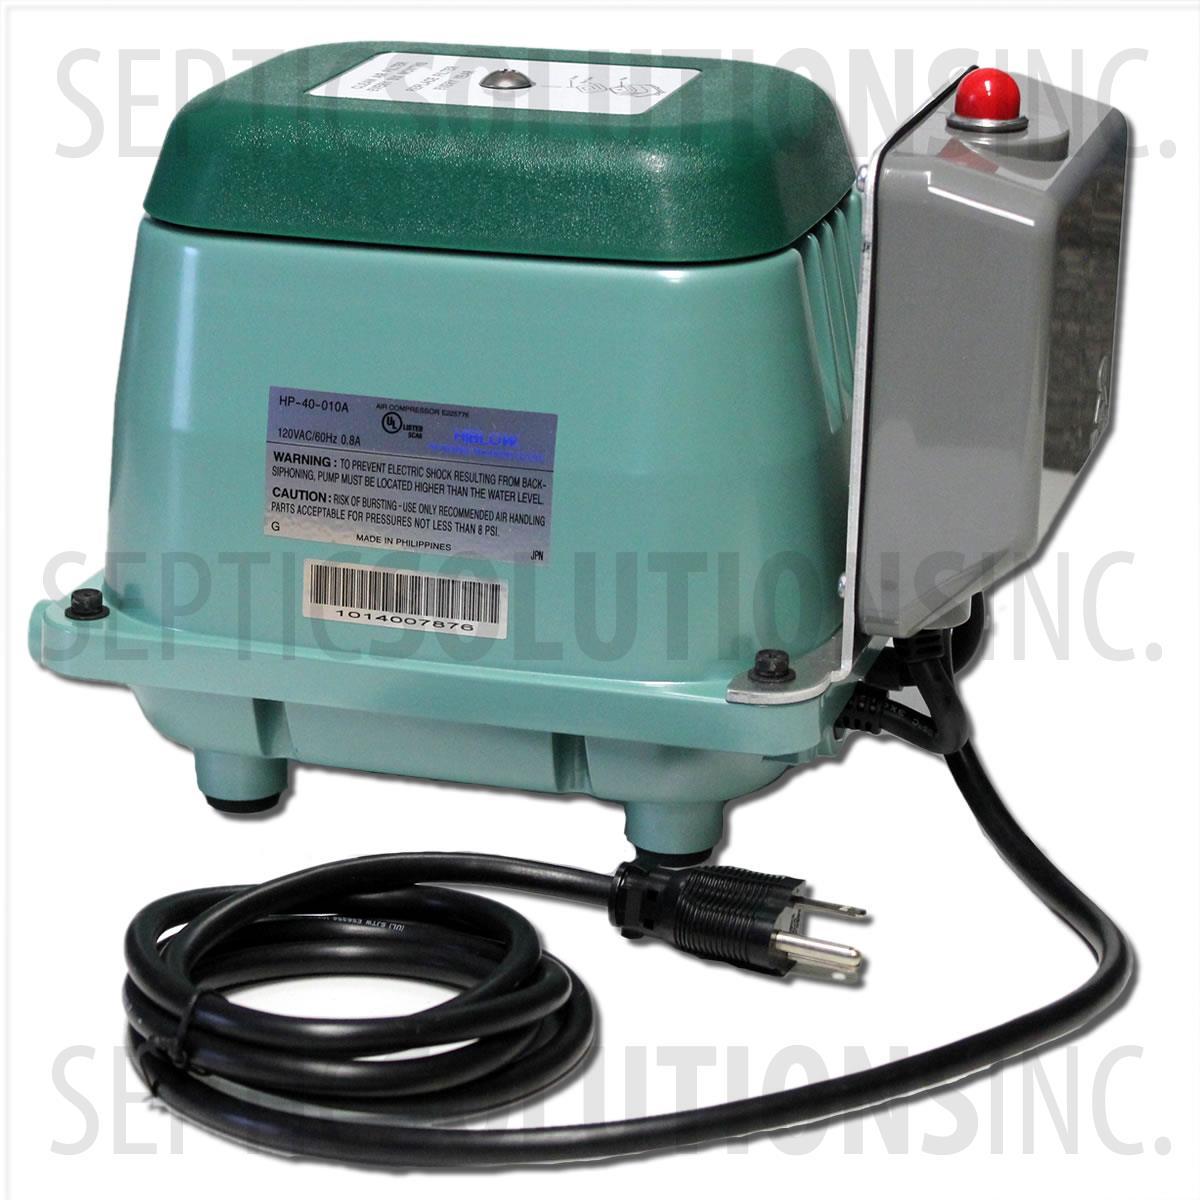 Enviro Flo Alternative 500 Gpd Linear Septic Air Pump With